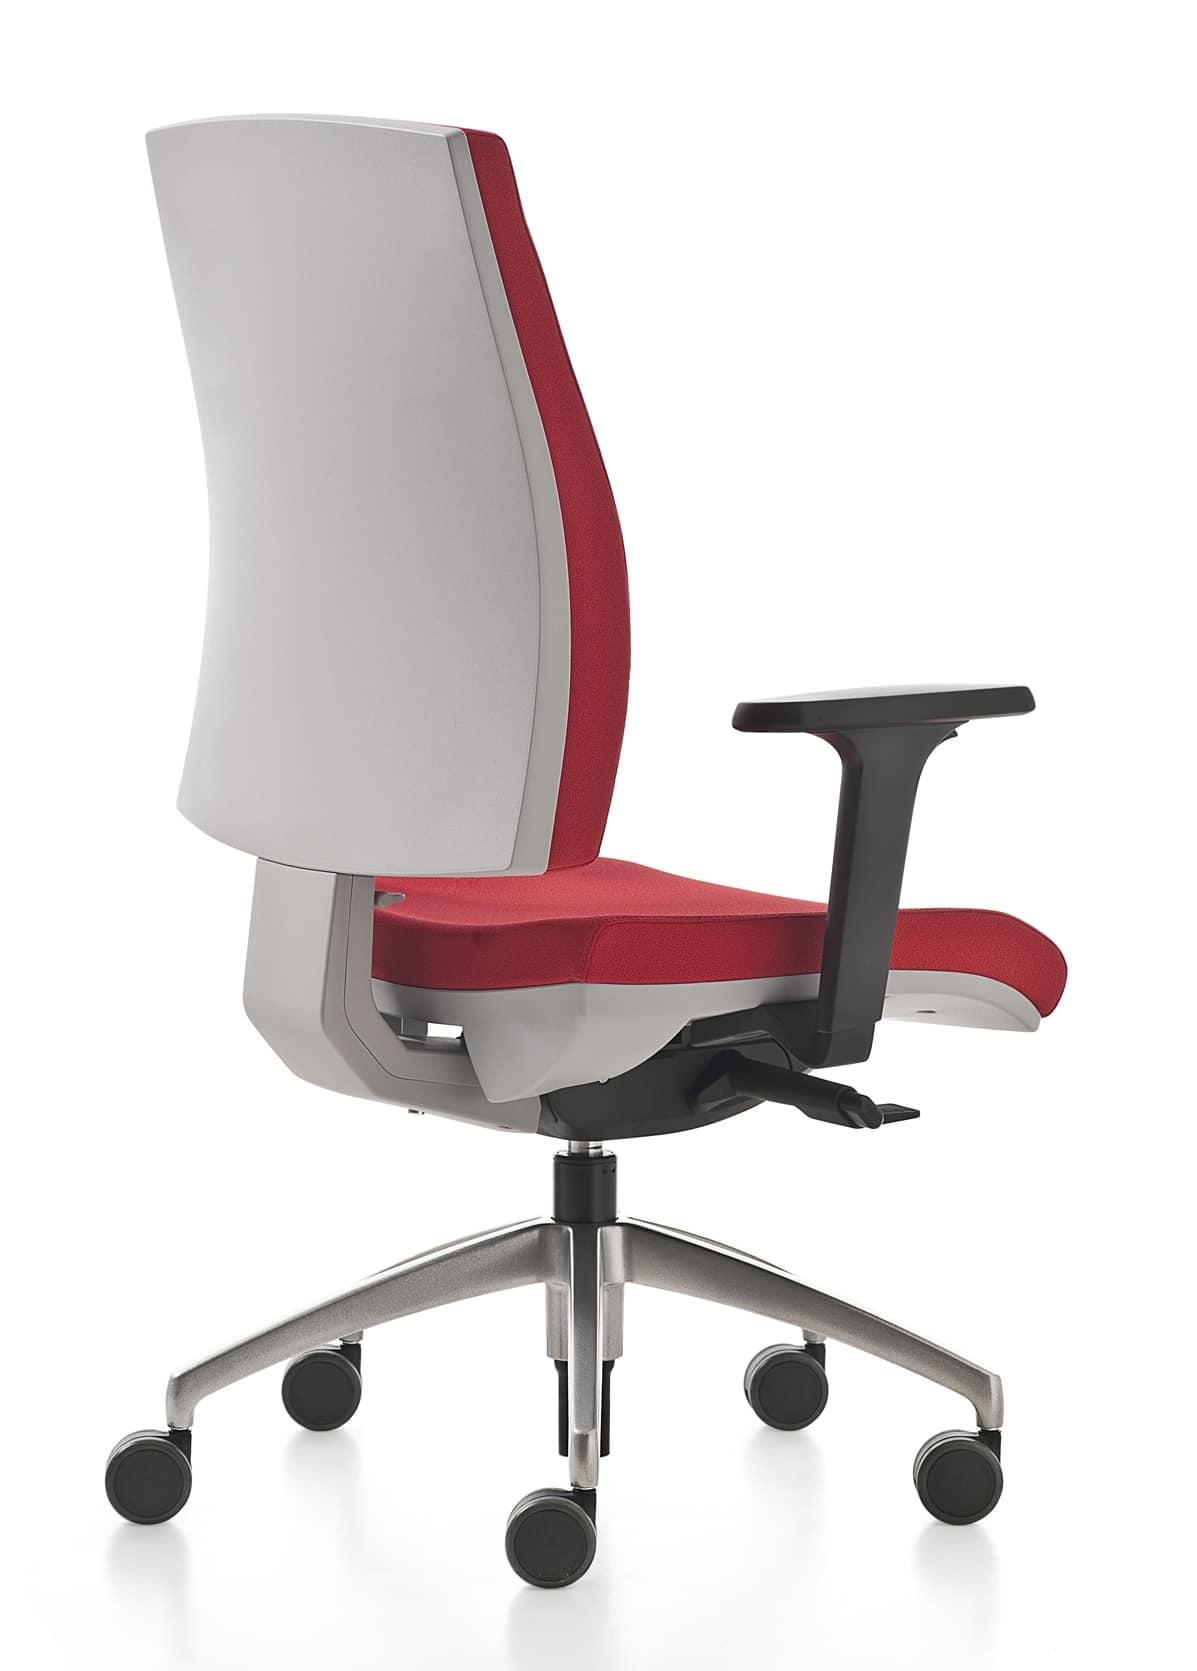 Sedia girevole per ufficio con appoggio lombare for Amazon sedie ufficio